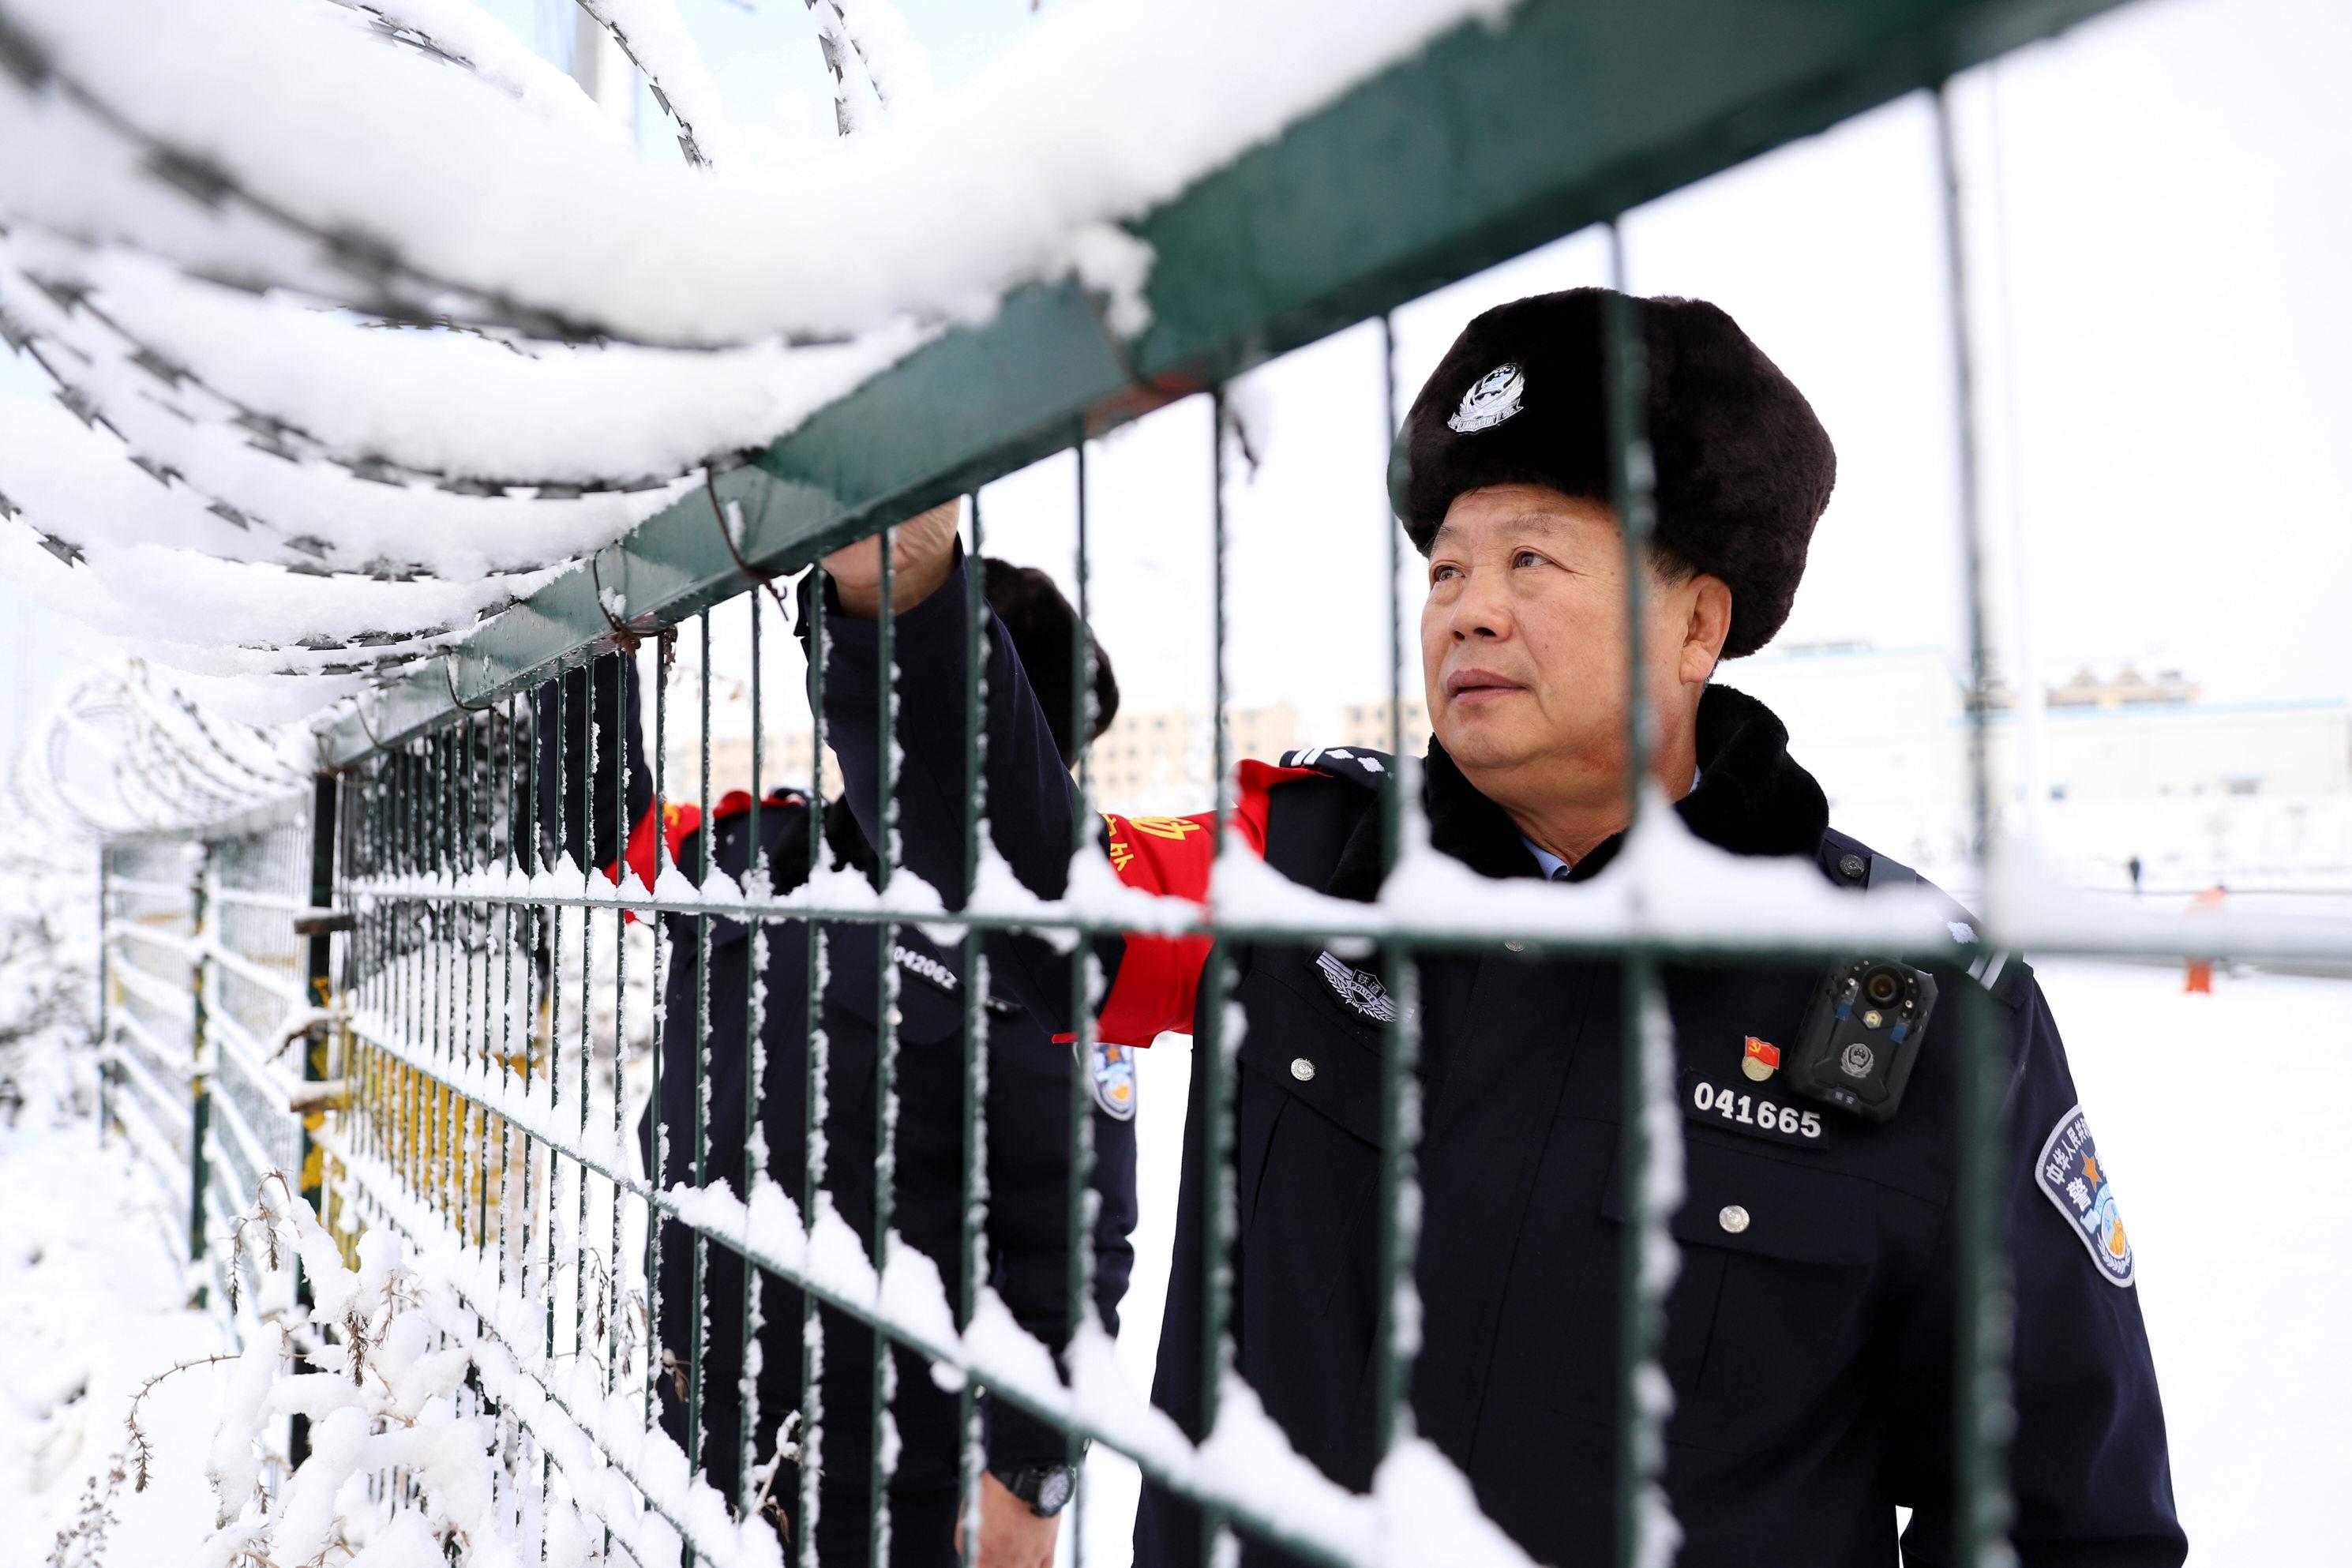 战严寒 斗风雪 保安全 各地铁路公安机关全力做好雨雪天气下秩序维护工作